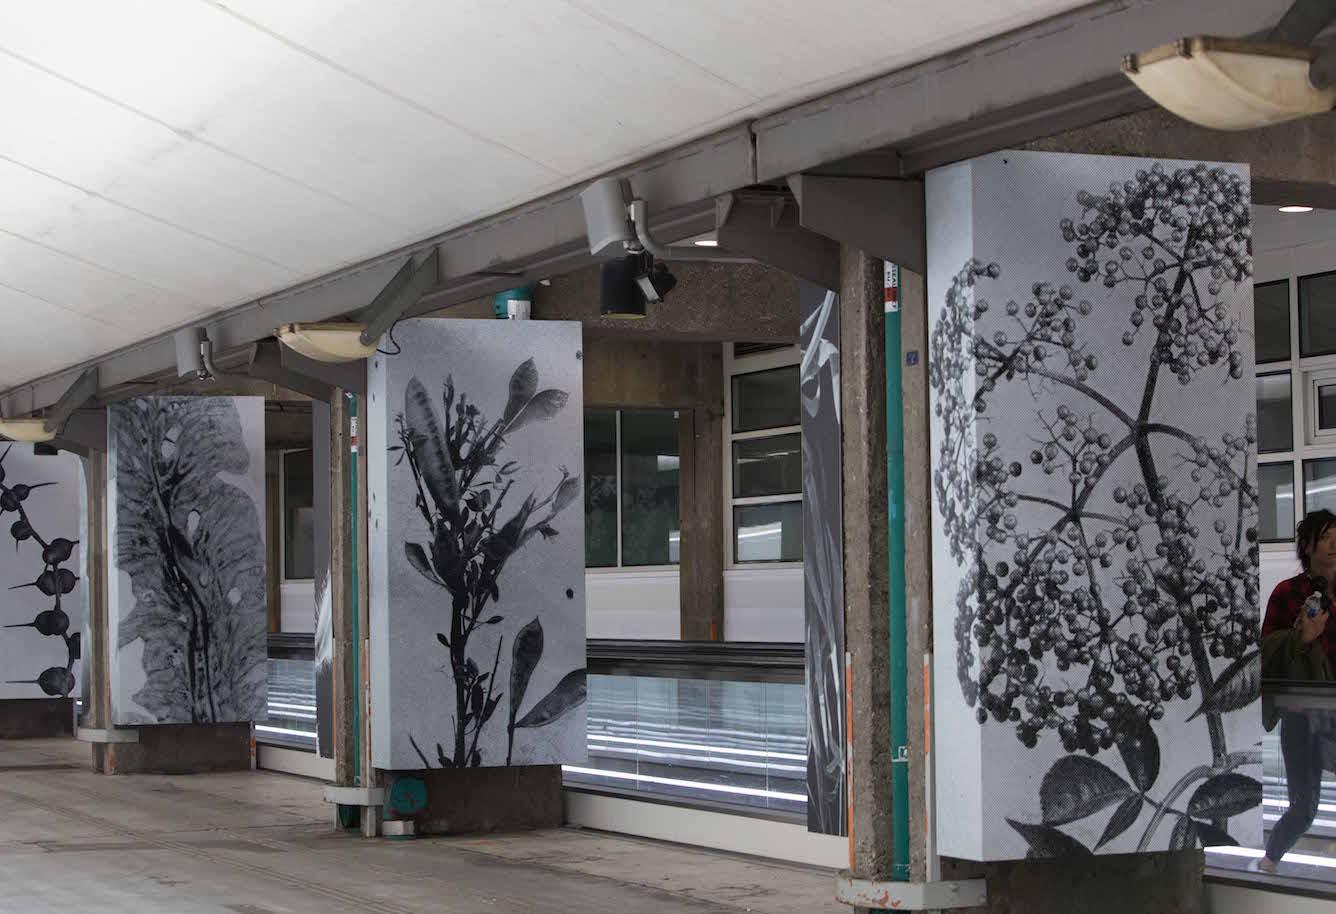 © SNCF Gares & Connexions – David Paquin